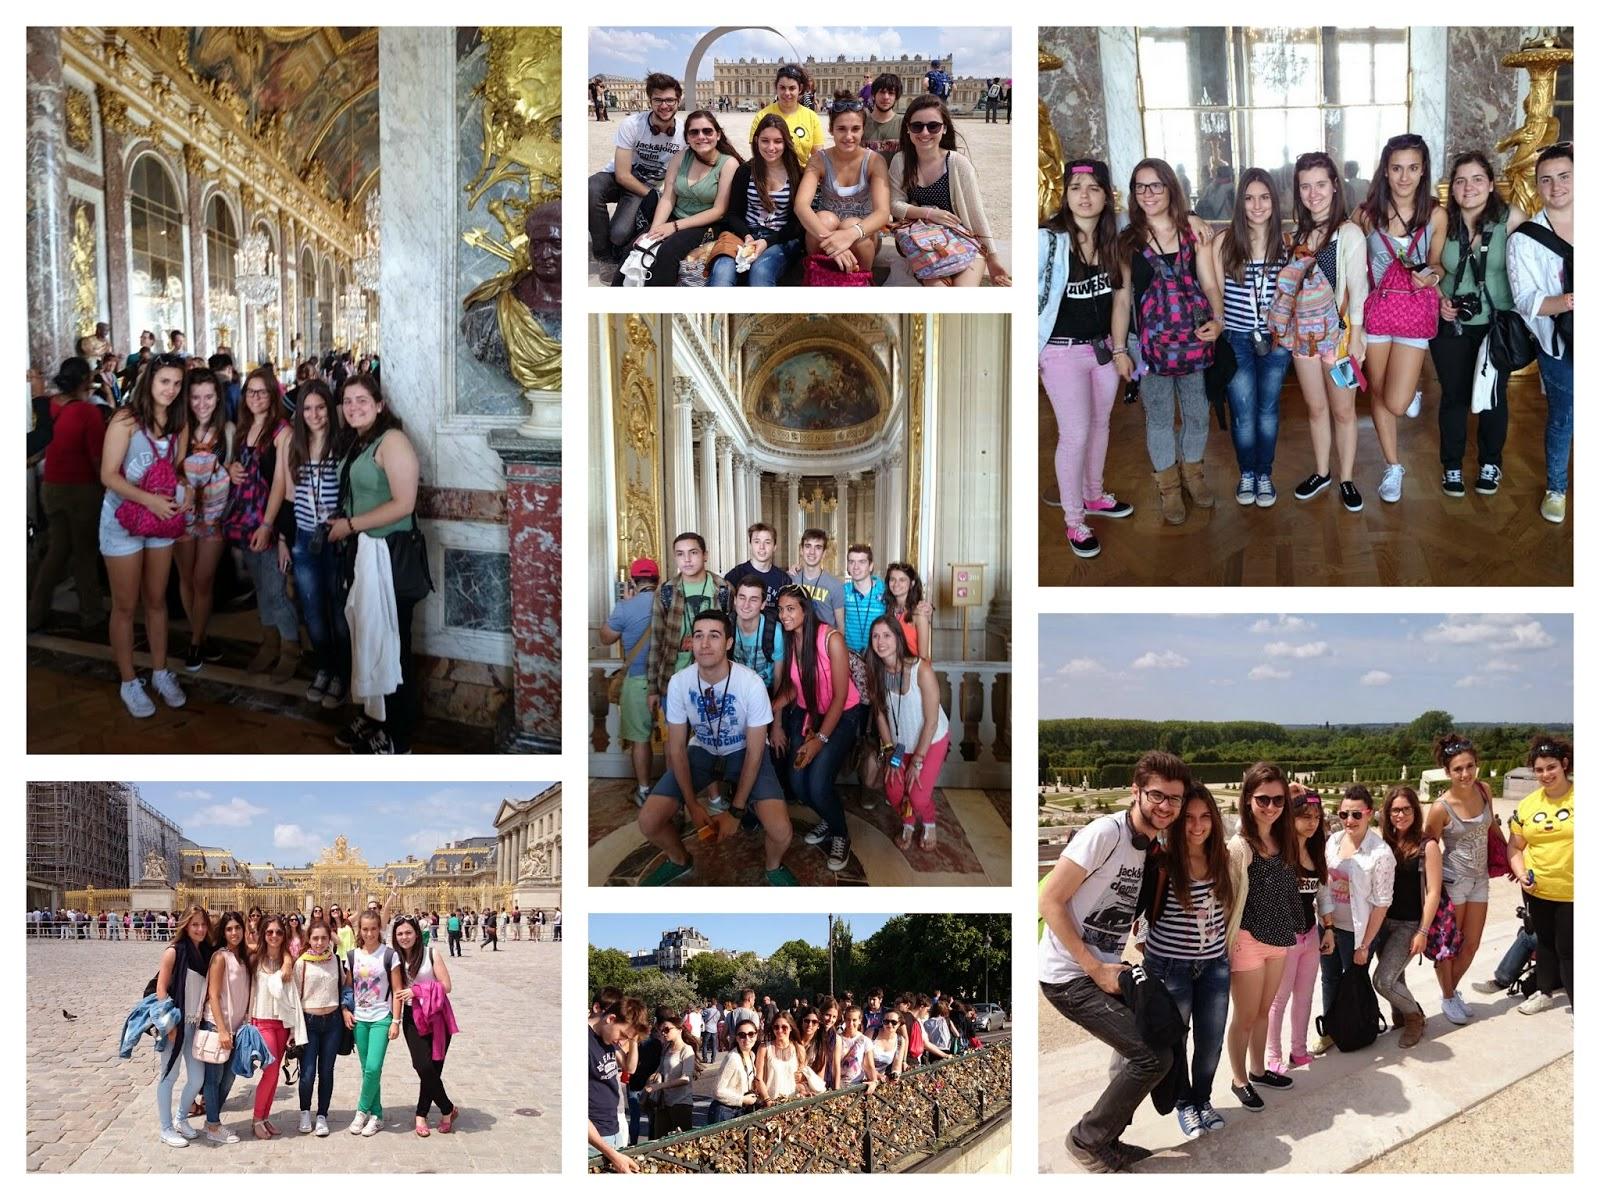 foto de El Salvador Maristas Bilbao: 2ª jornada del viaje de